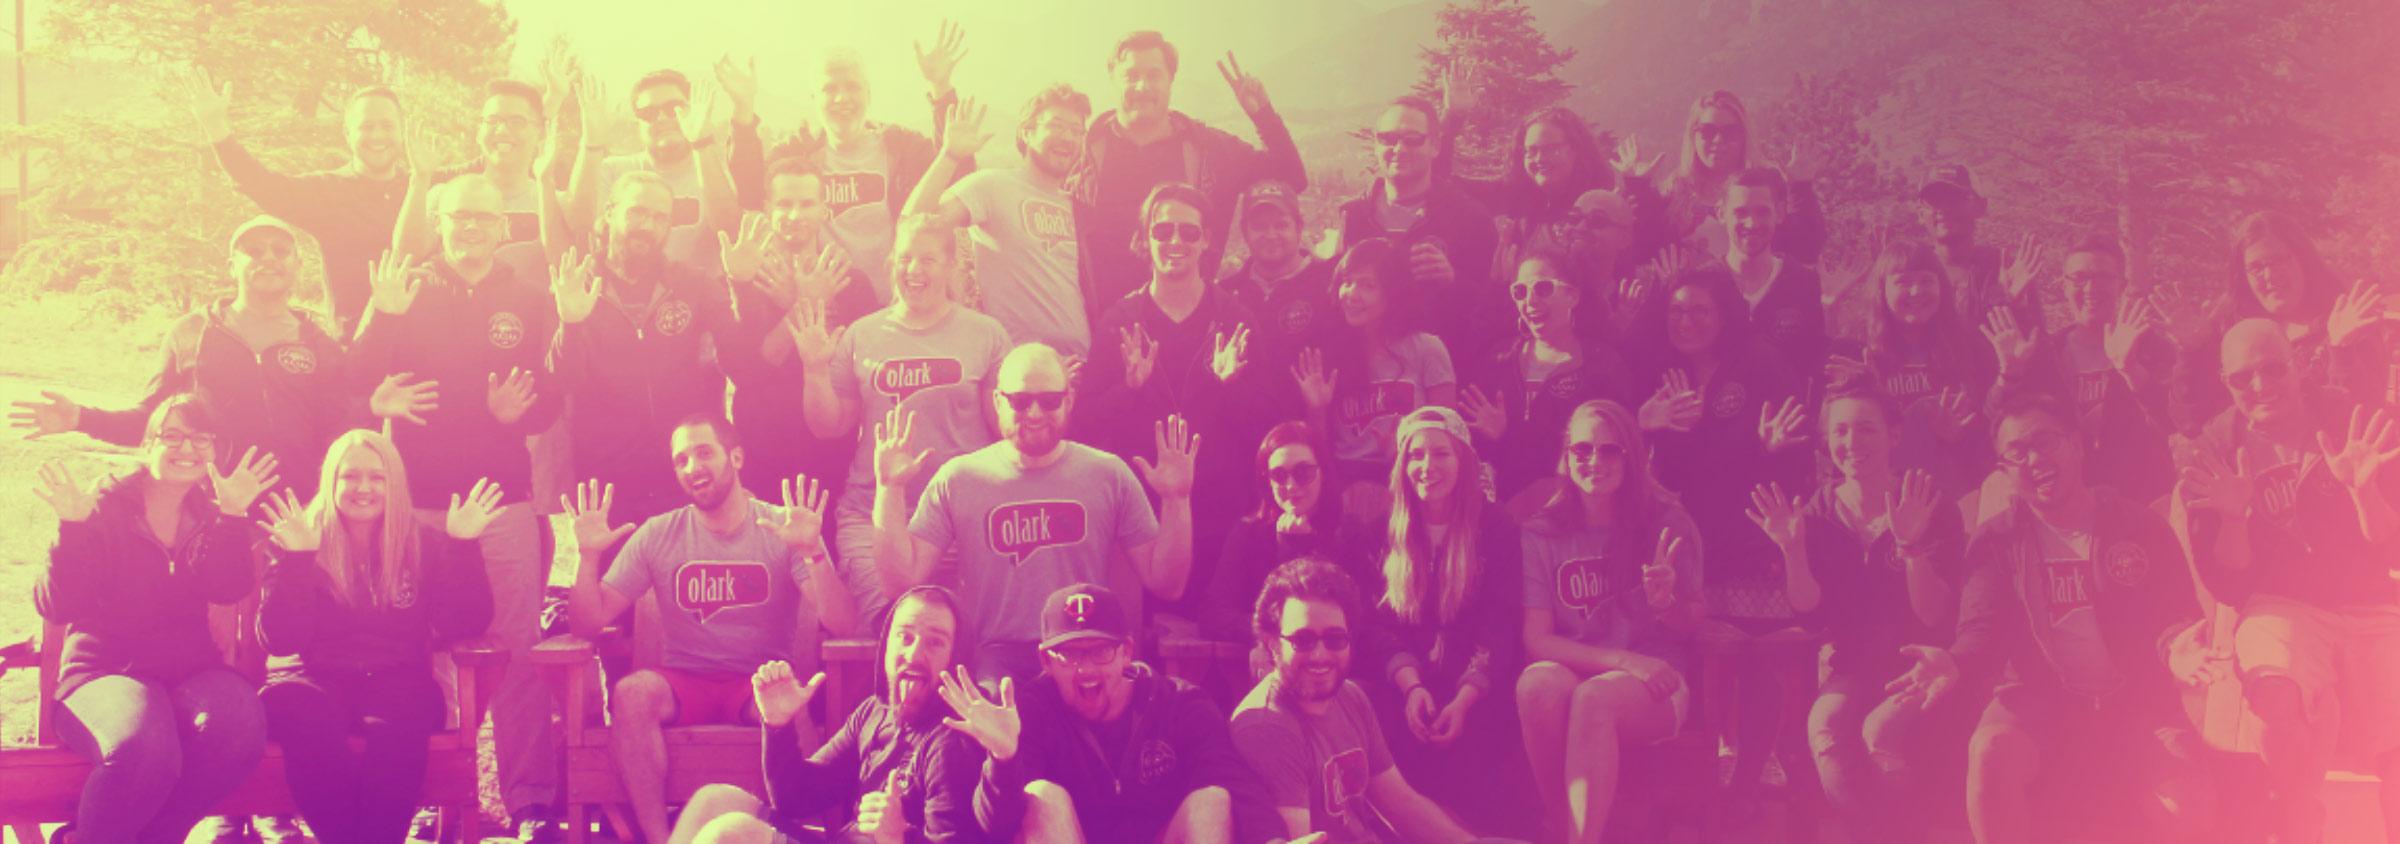 Olark team image